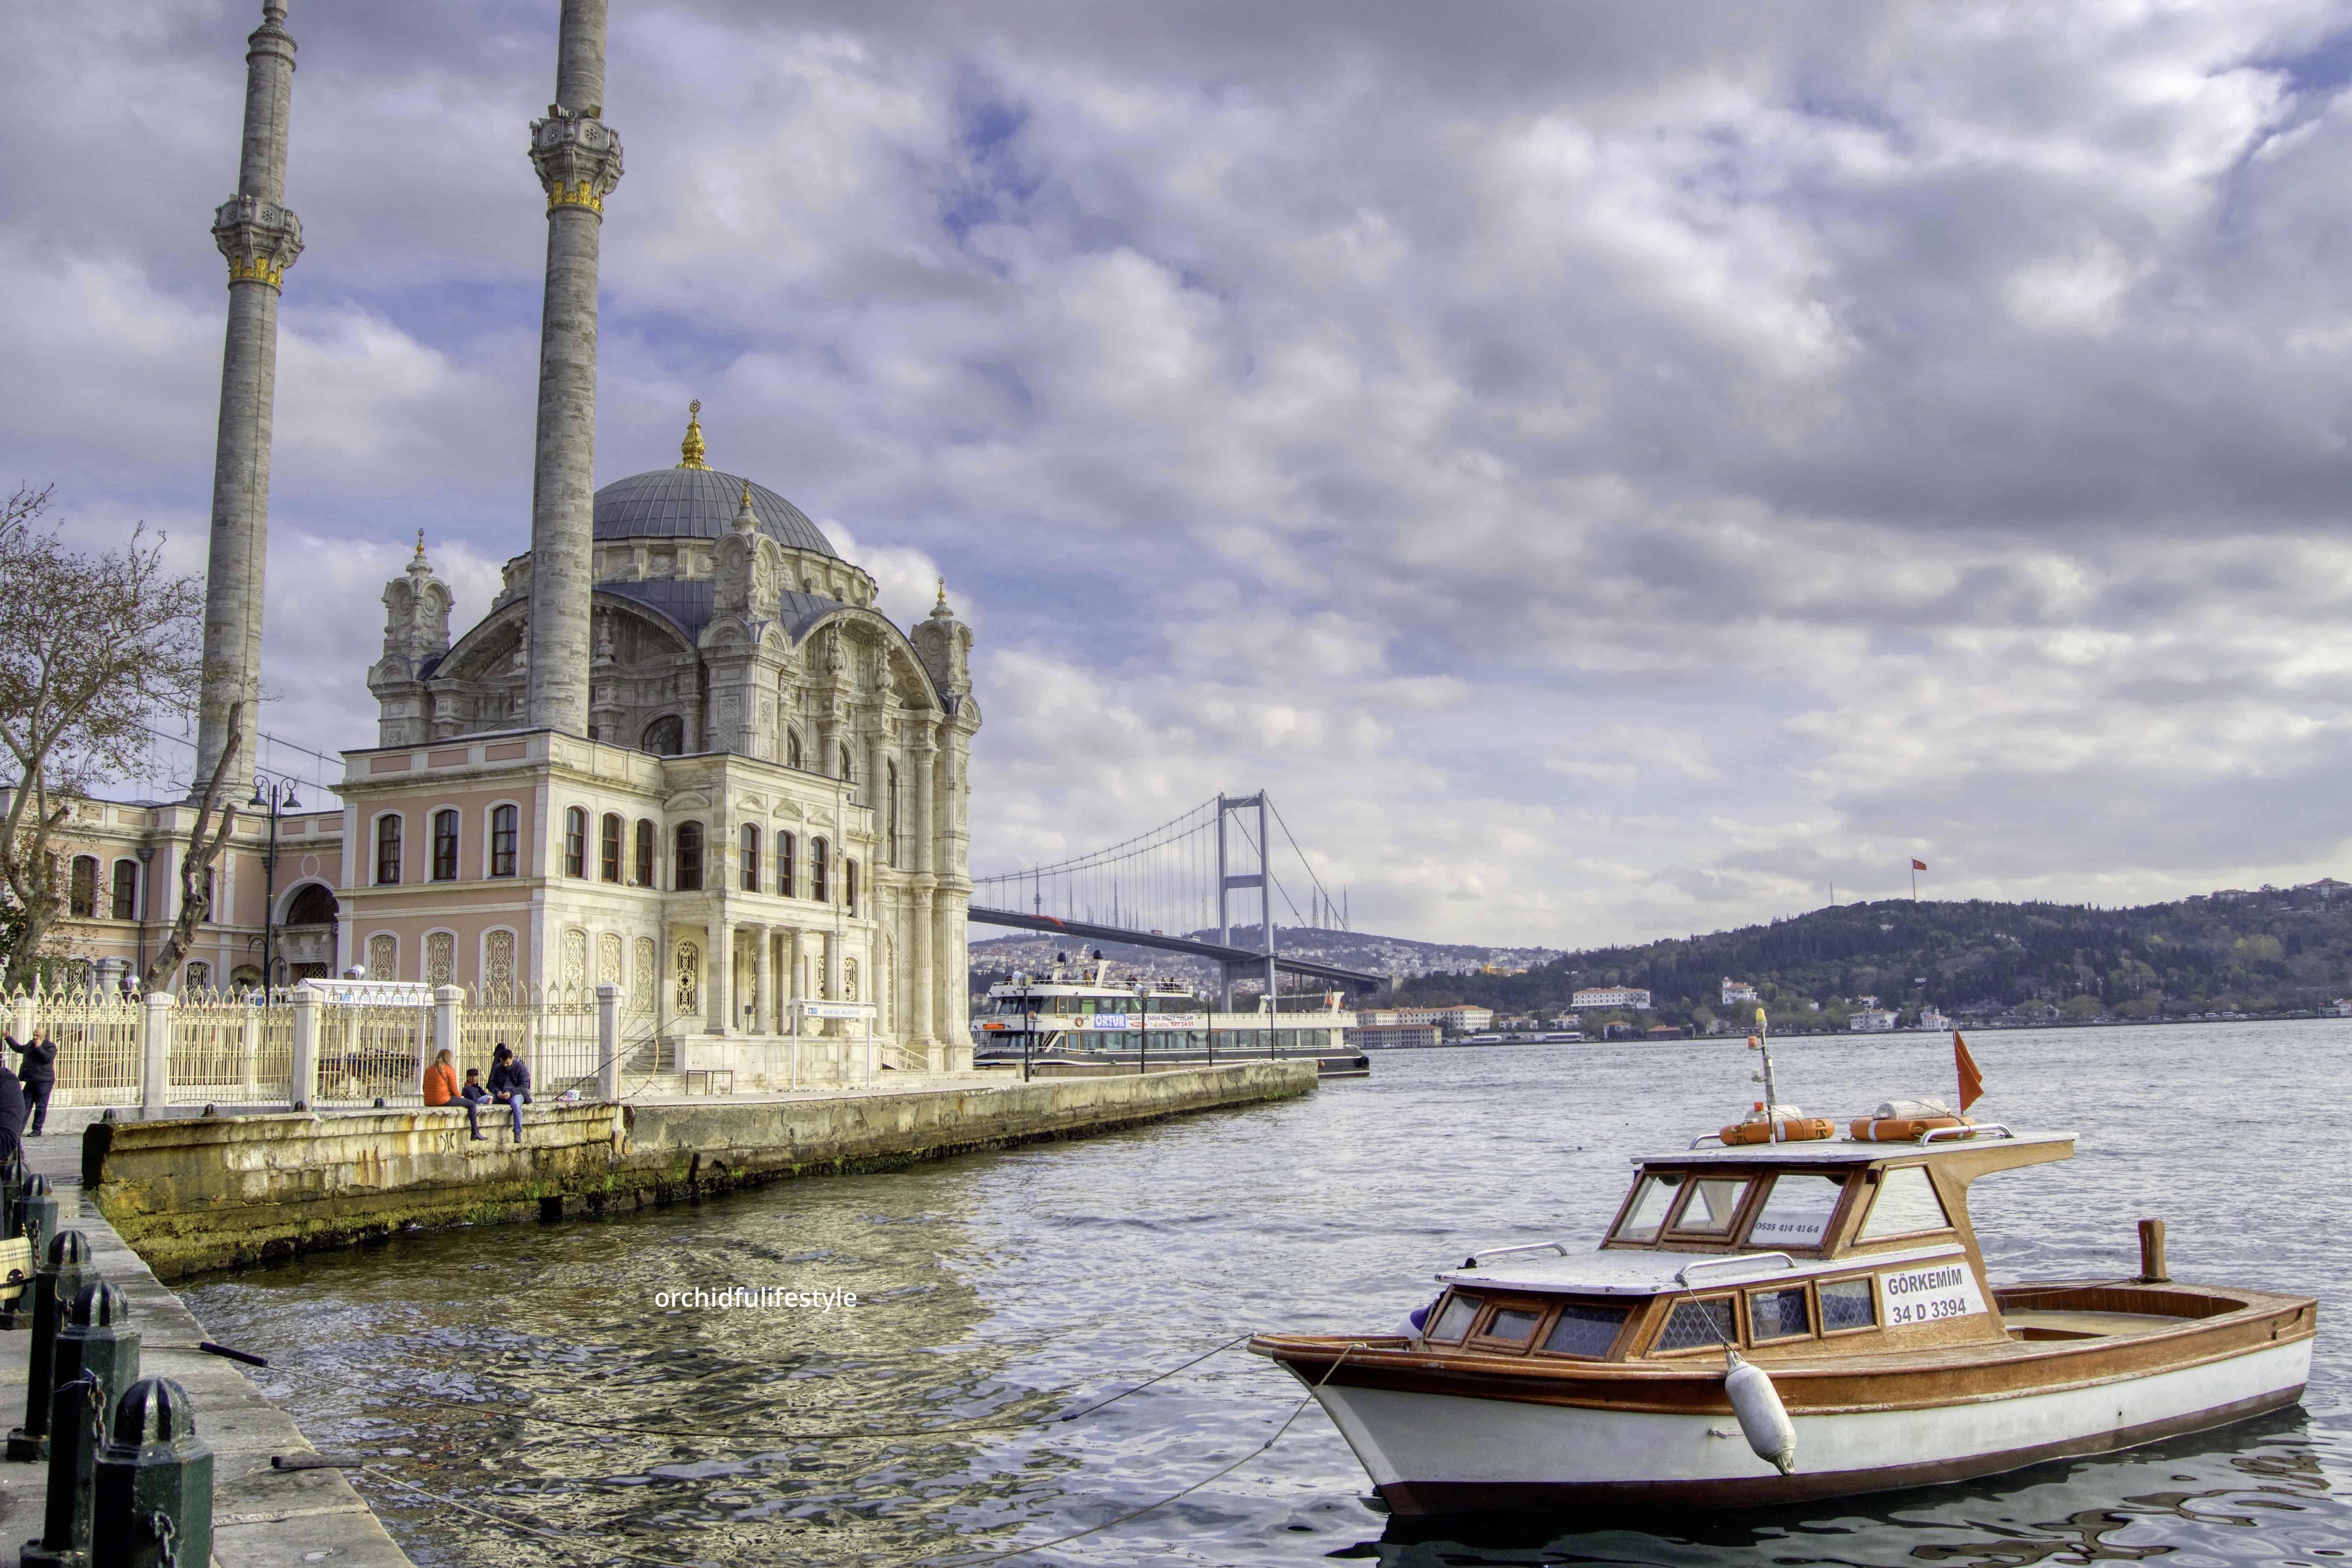 اسطنبول مسجد أورتاكوي - Orchidfulifestyle